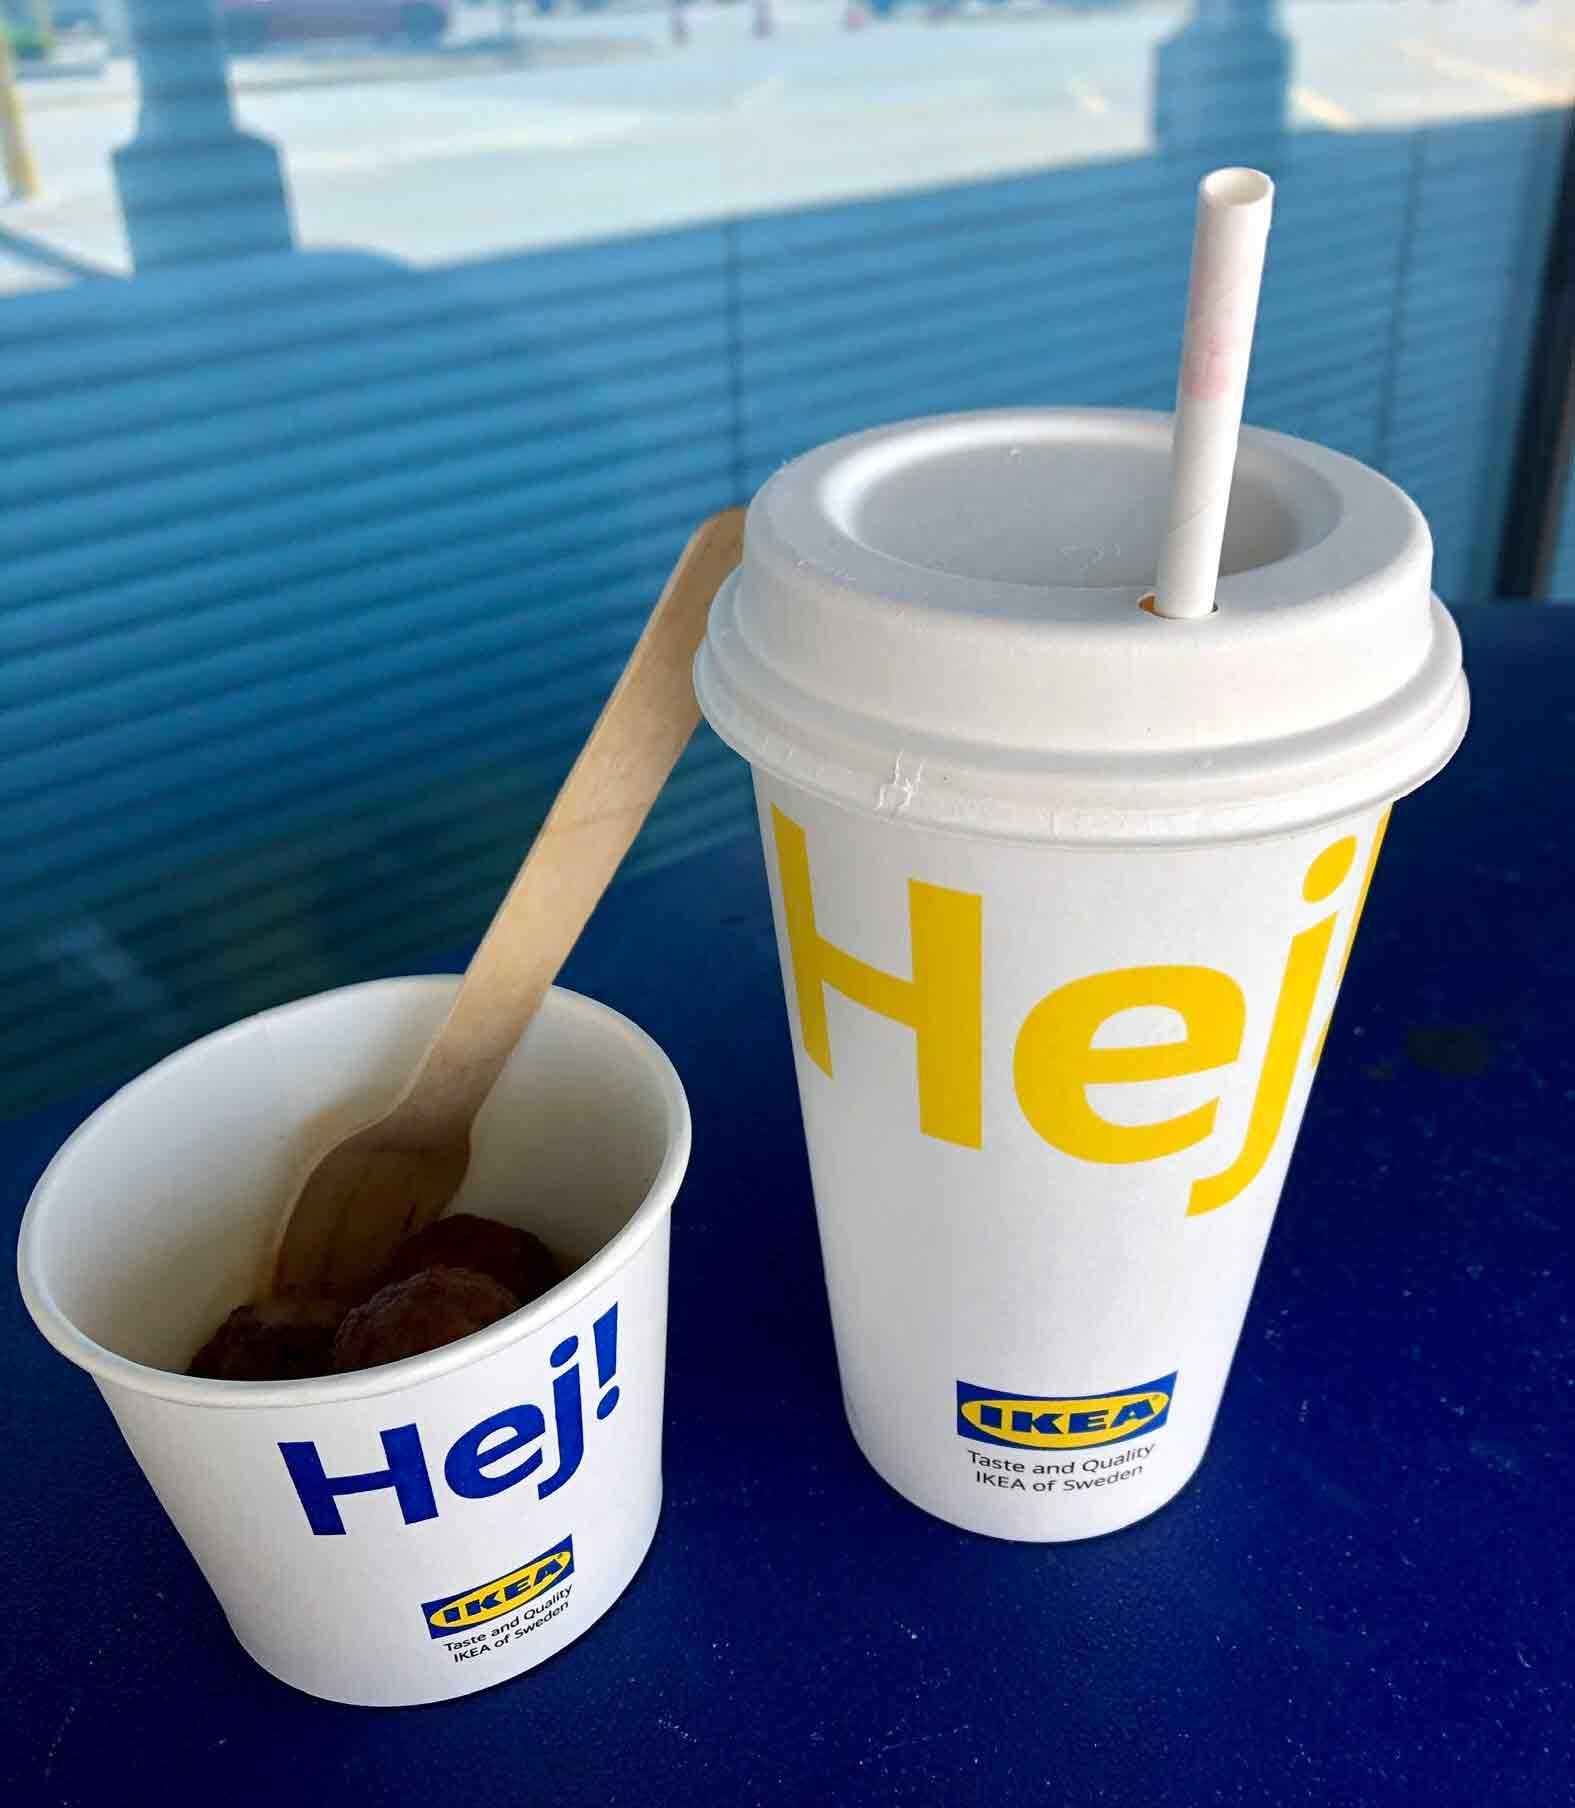 Hejとはスウェーデン語でこんにちはという意味